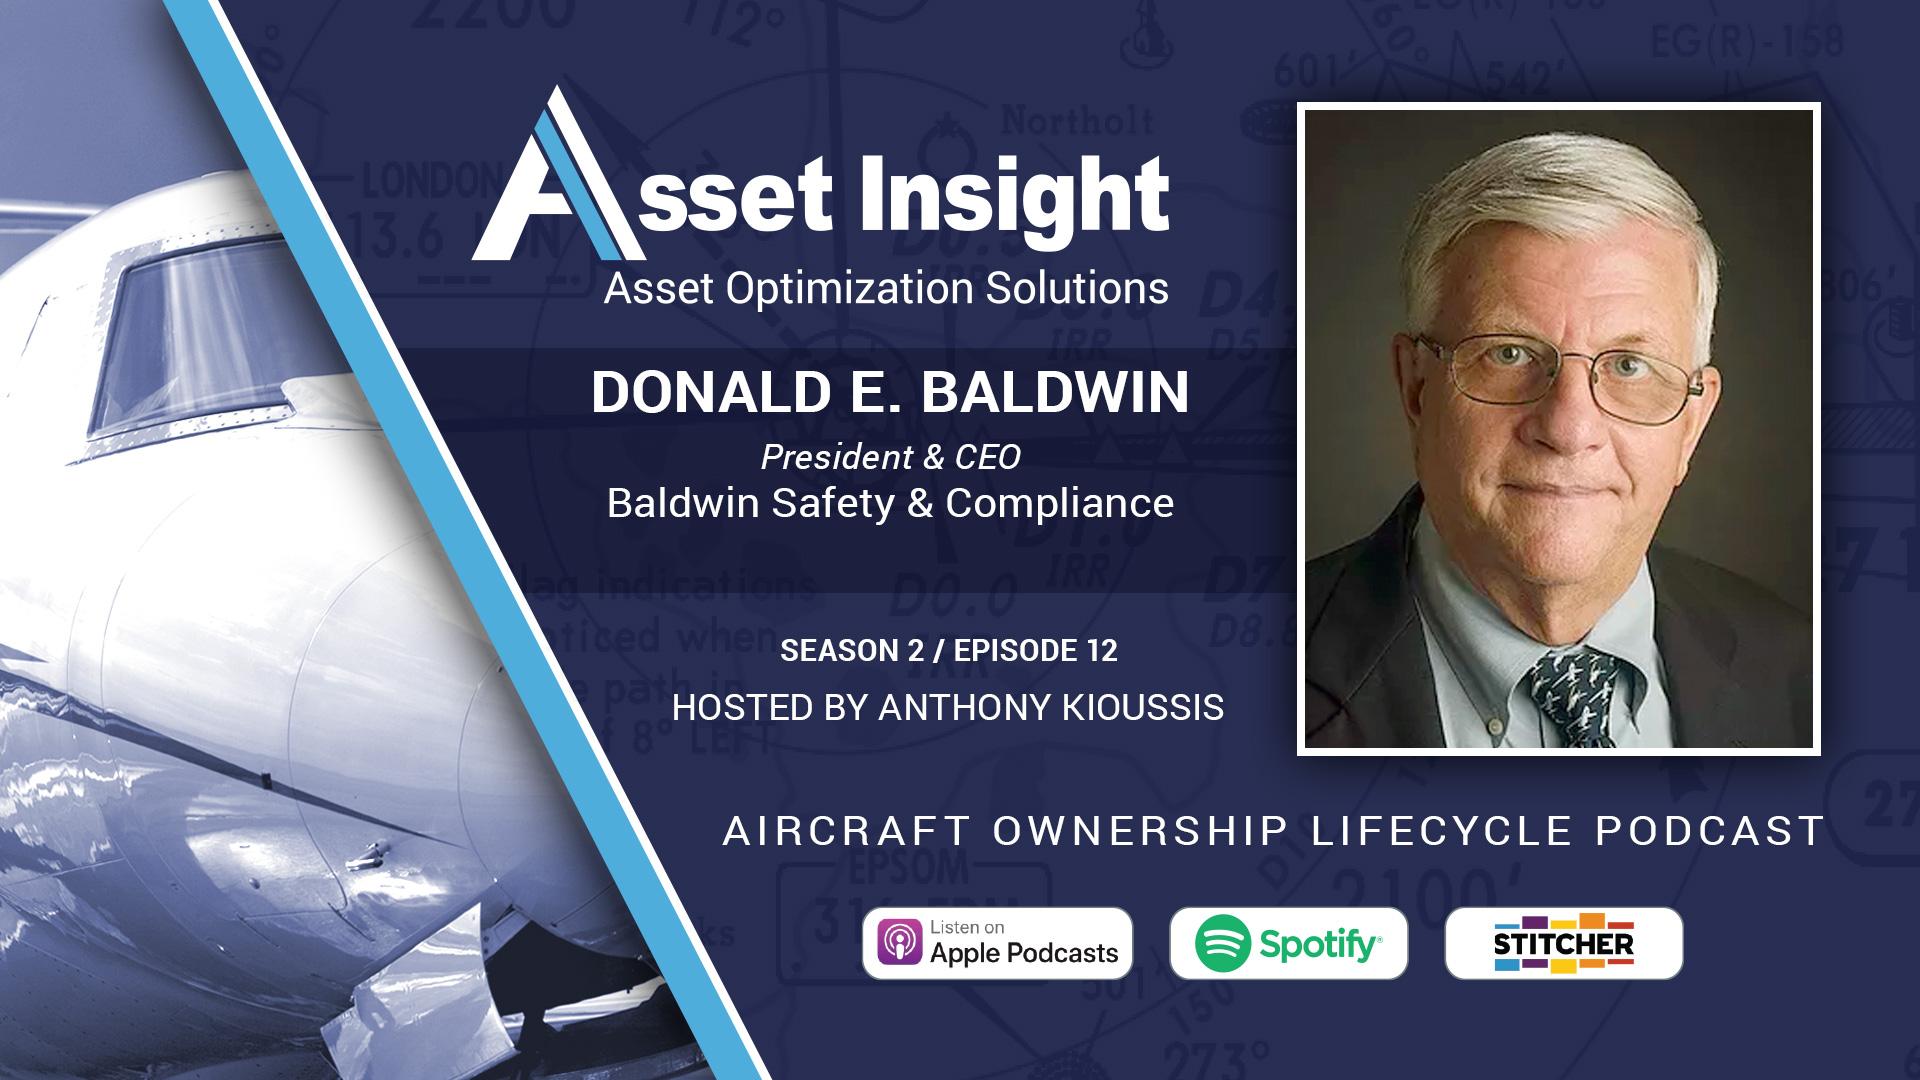 Donald E. Baldwin, President & CEO, Baldwin Safety & Compliance